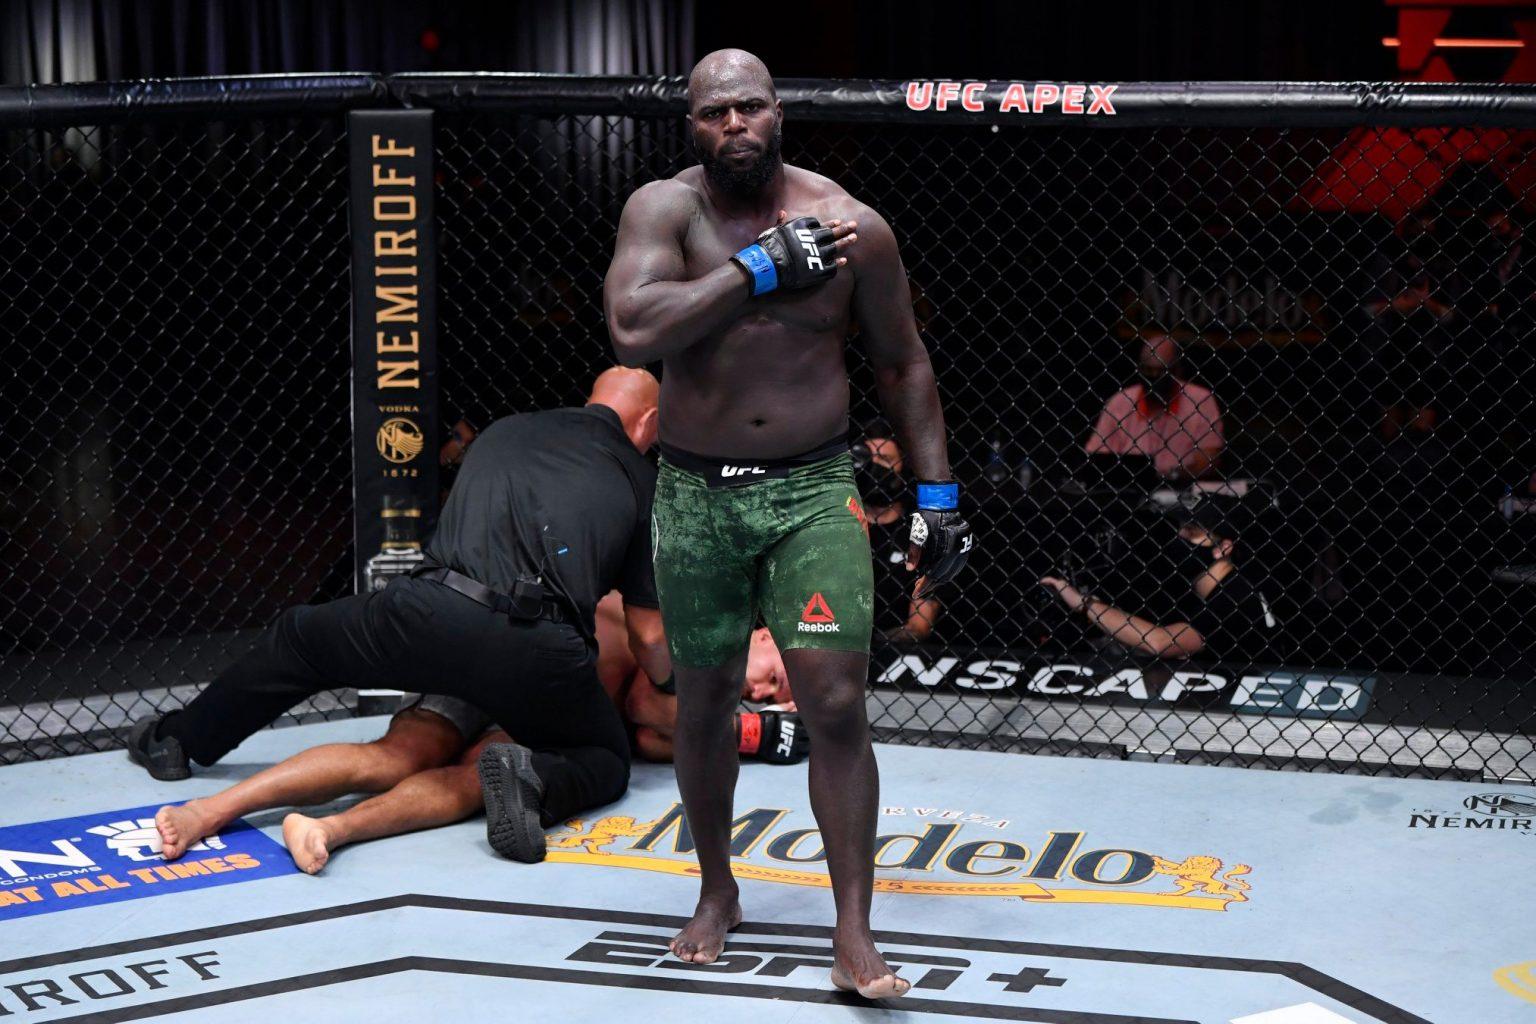 rozenstruik-1536x1024-1 UFC 252: Cigano perde e Miocic 'aposenta' Cormier e mantém cinturão;